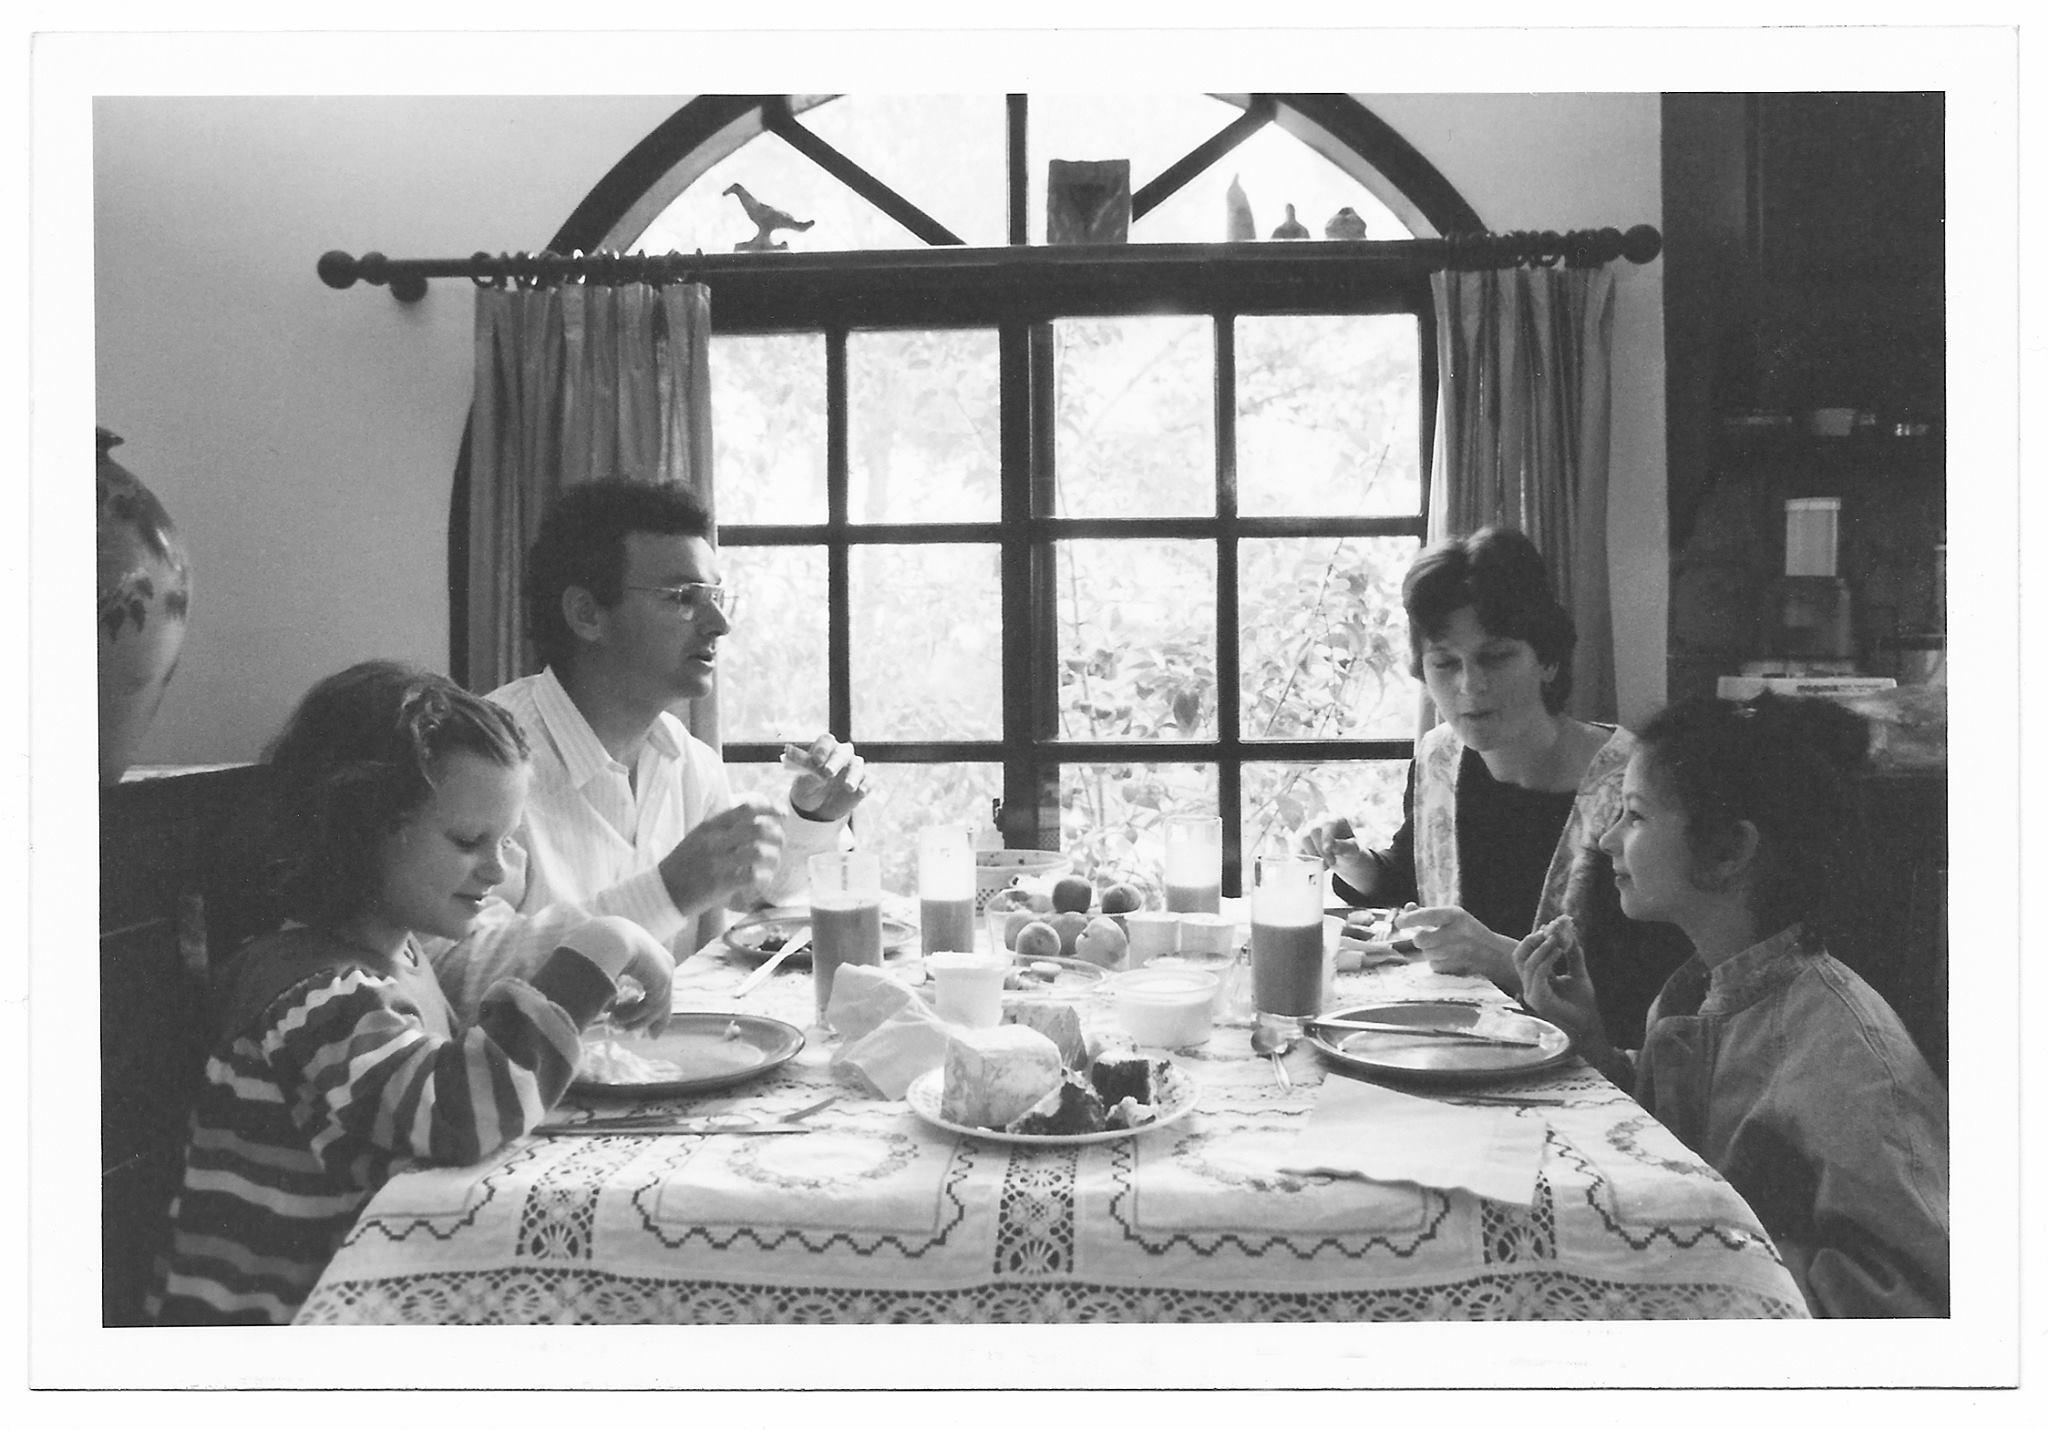 ארוחות משפחתיות. בלוג רונית כפיר המלצות הורות